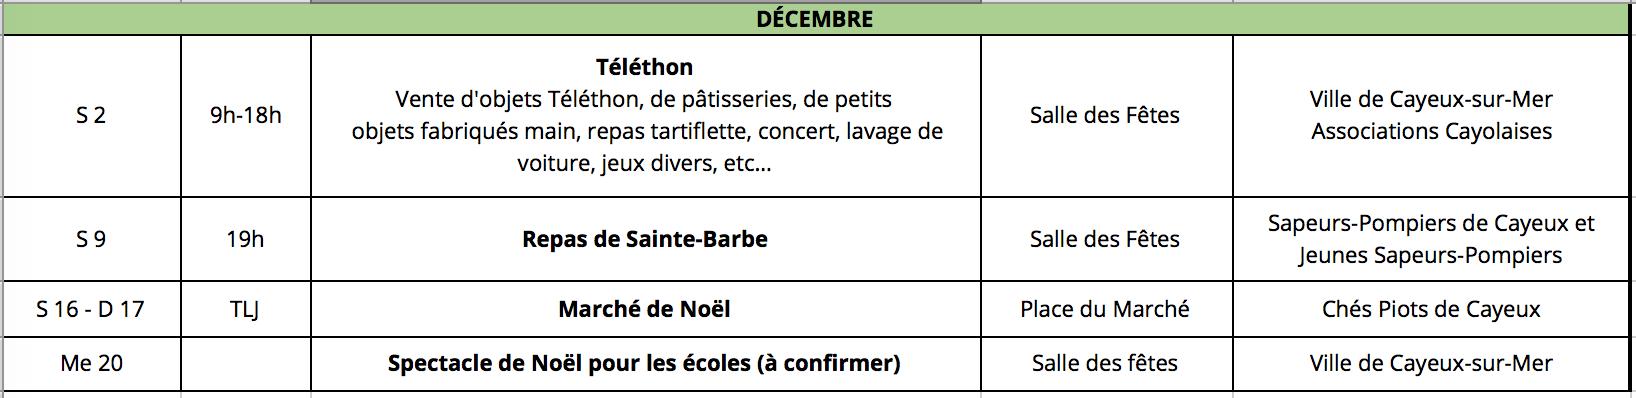 Cayeux-sur-mer animations décembre 2017